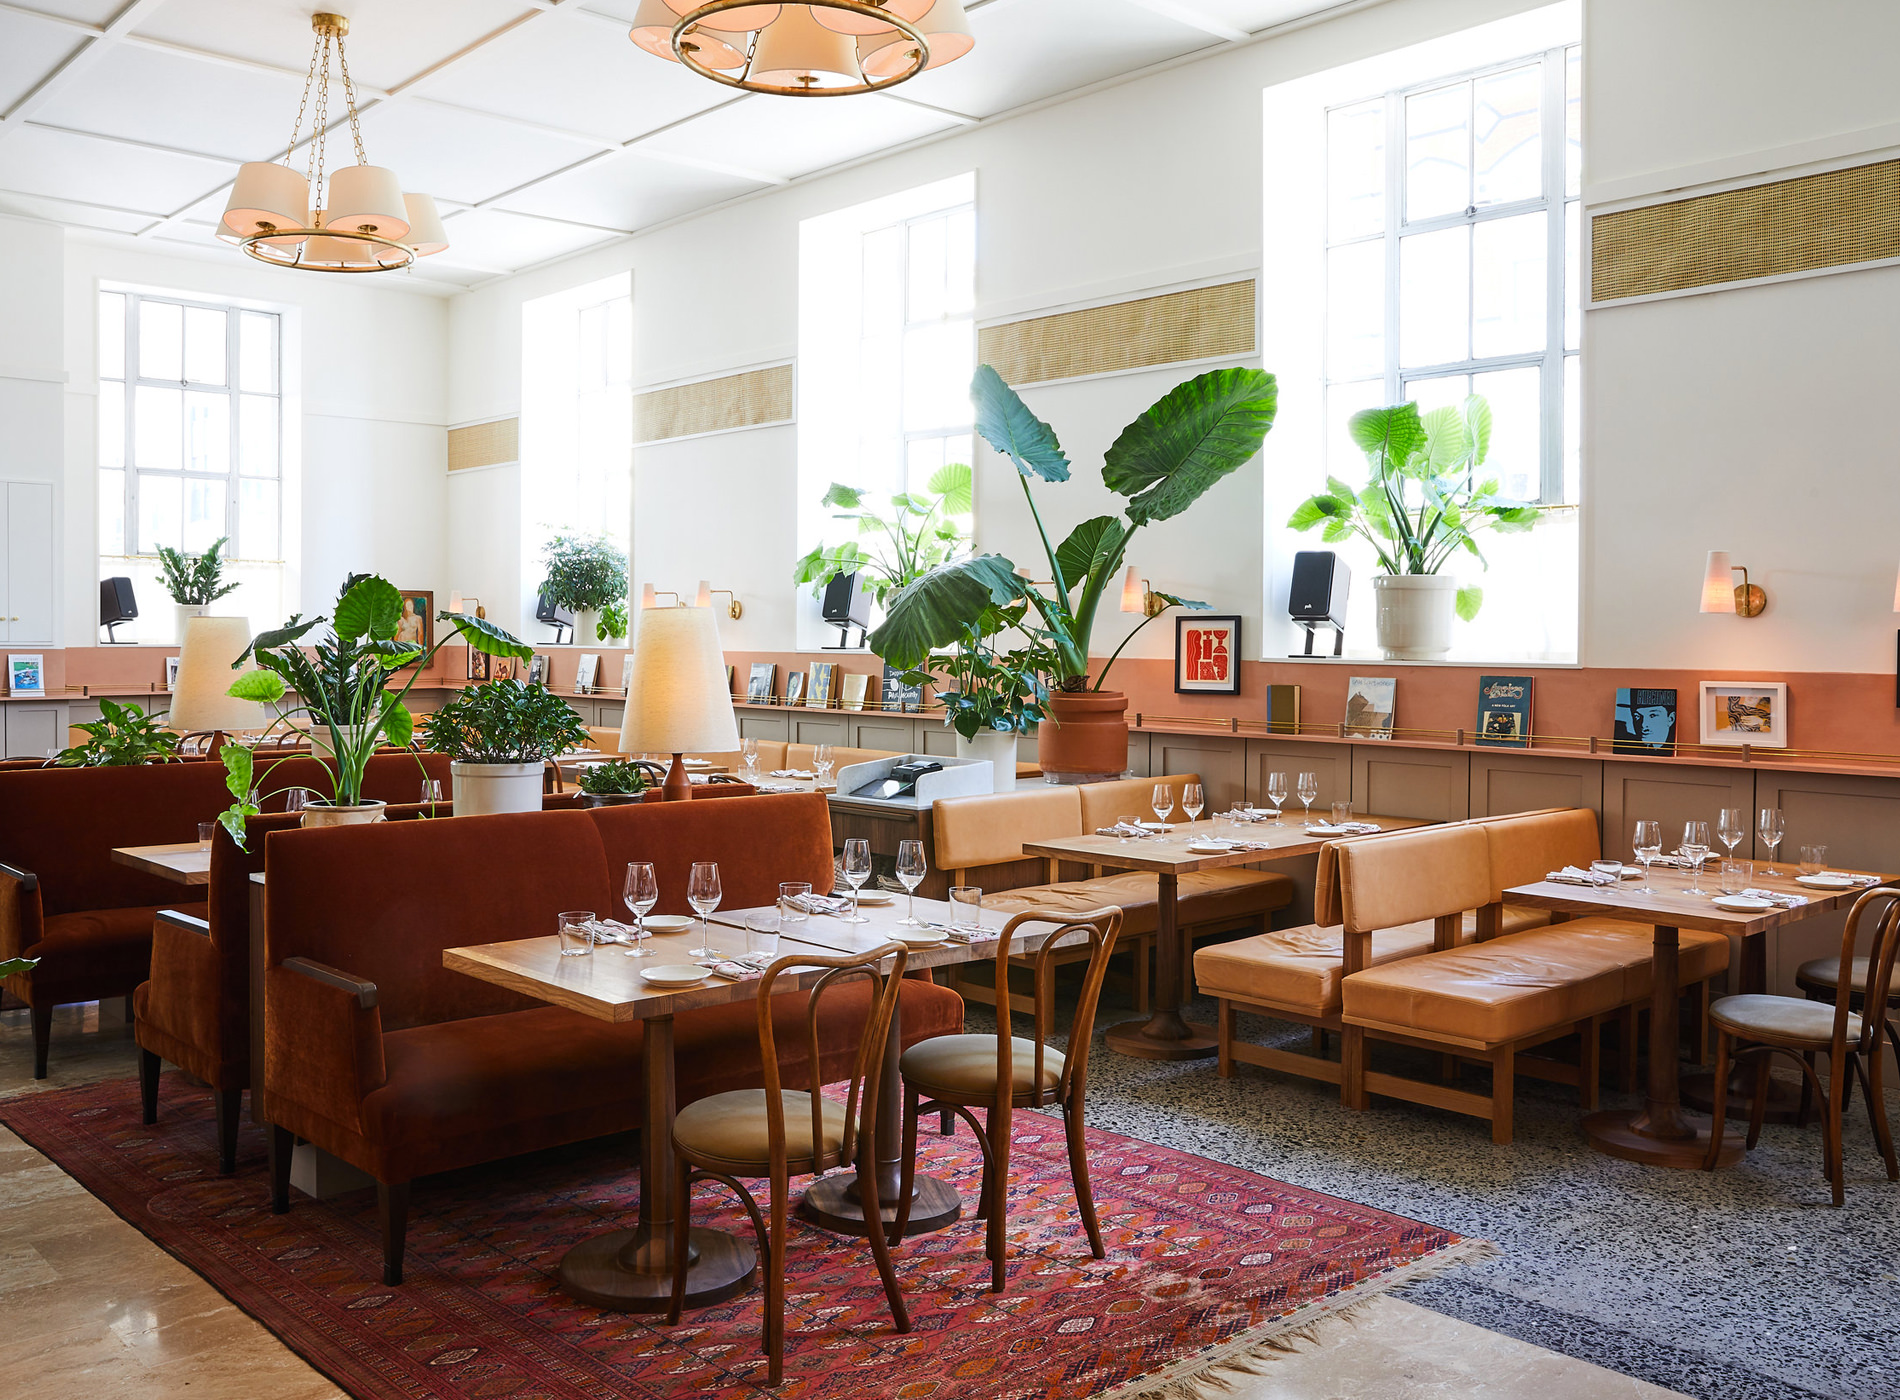 Hotel Kinsley Uptown Kingston Etat New York Hudson Valley Restaurant